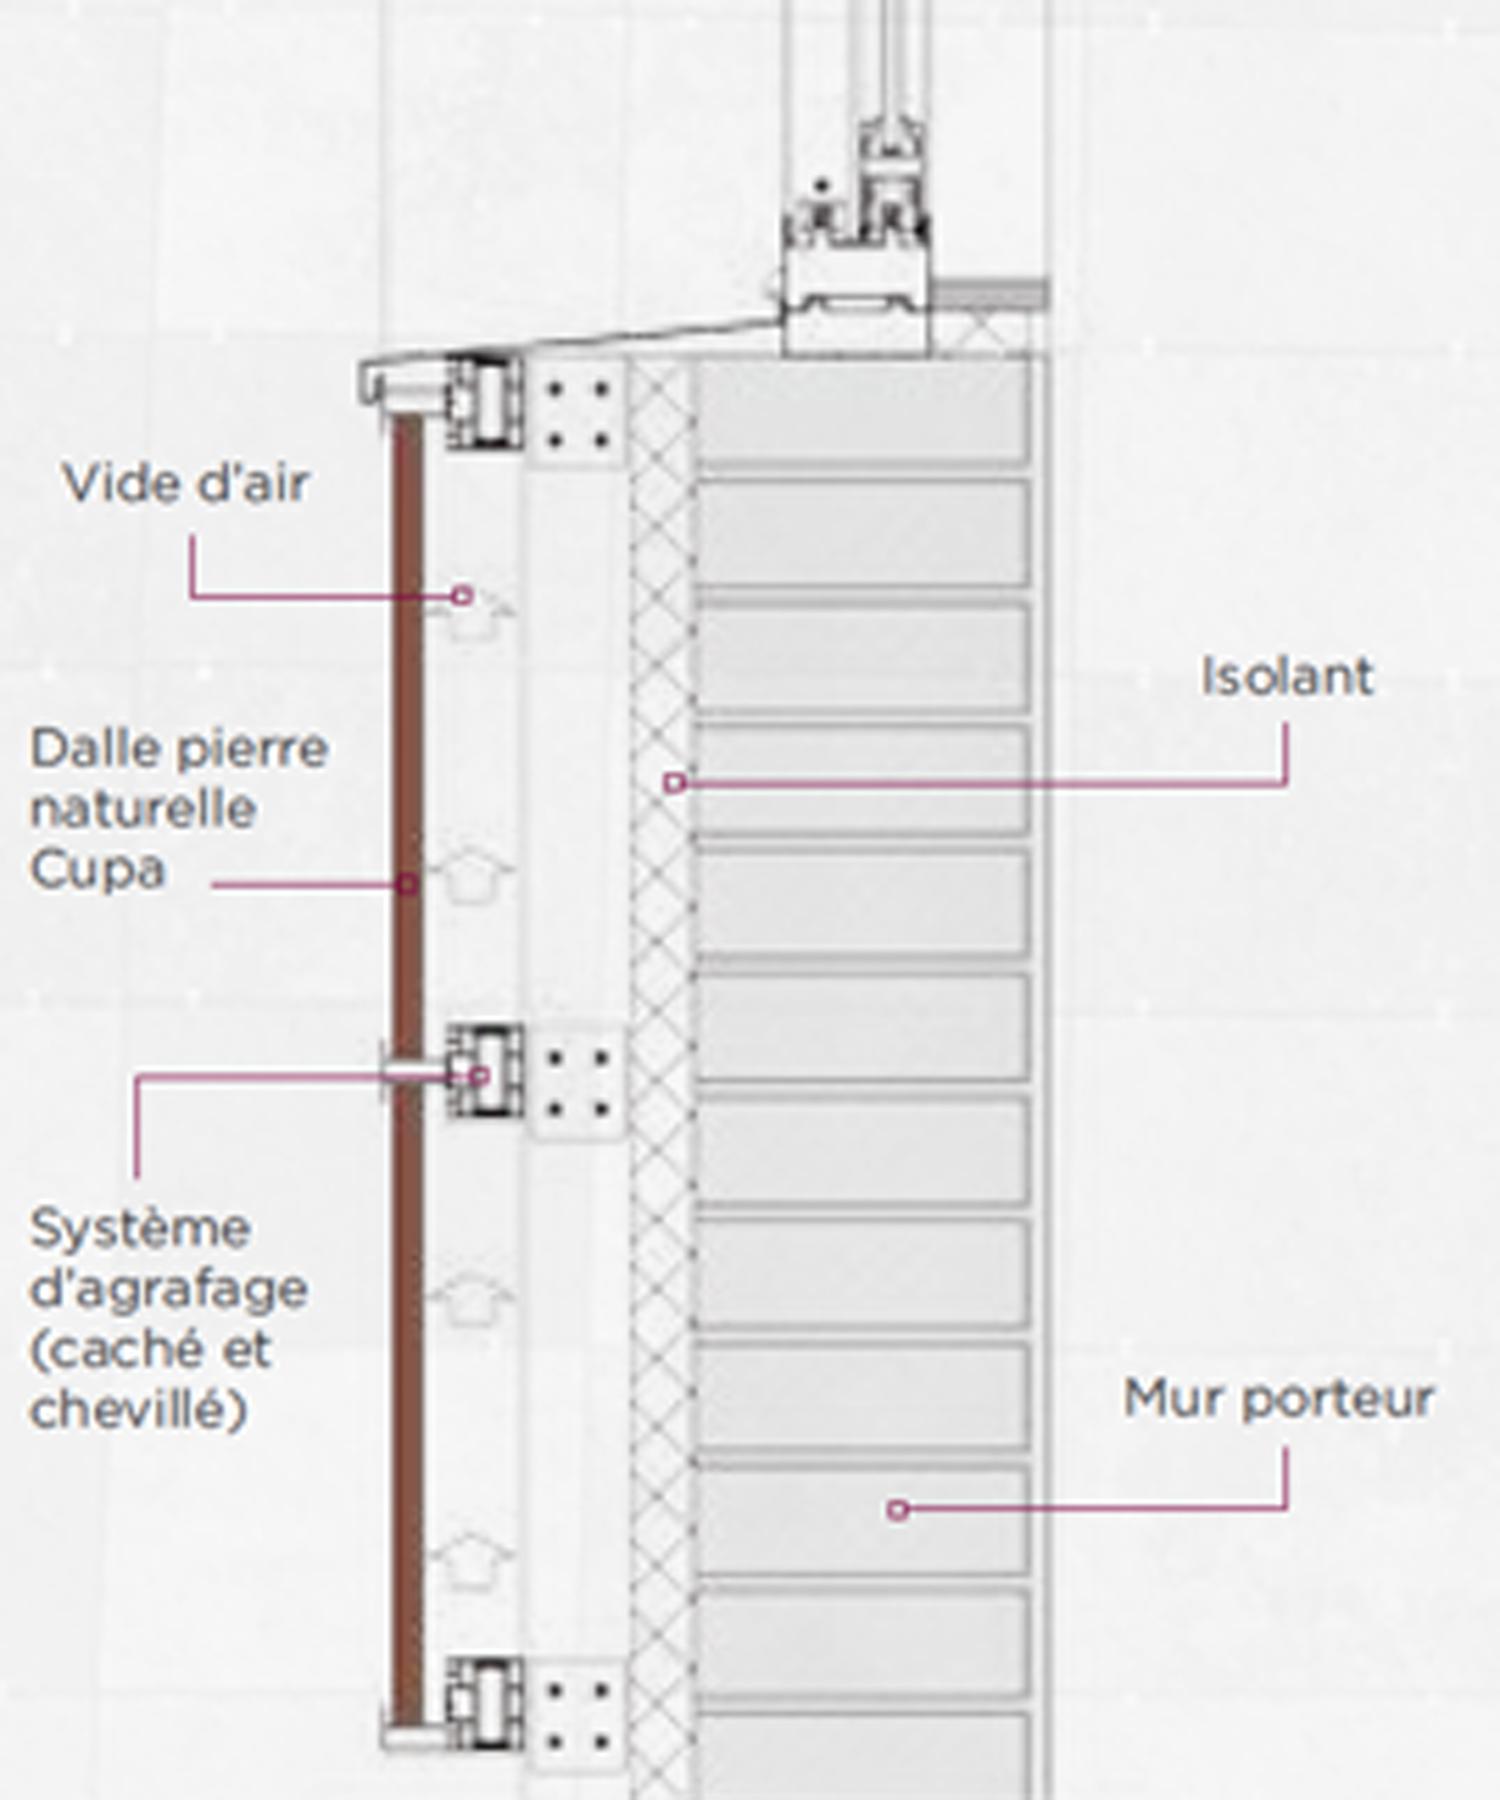 Pierre Naturelle Pour Facade composants du système cupa stone de façade agrafée en pierre